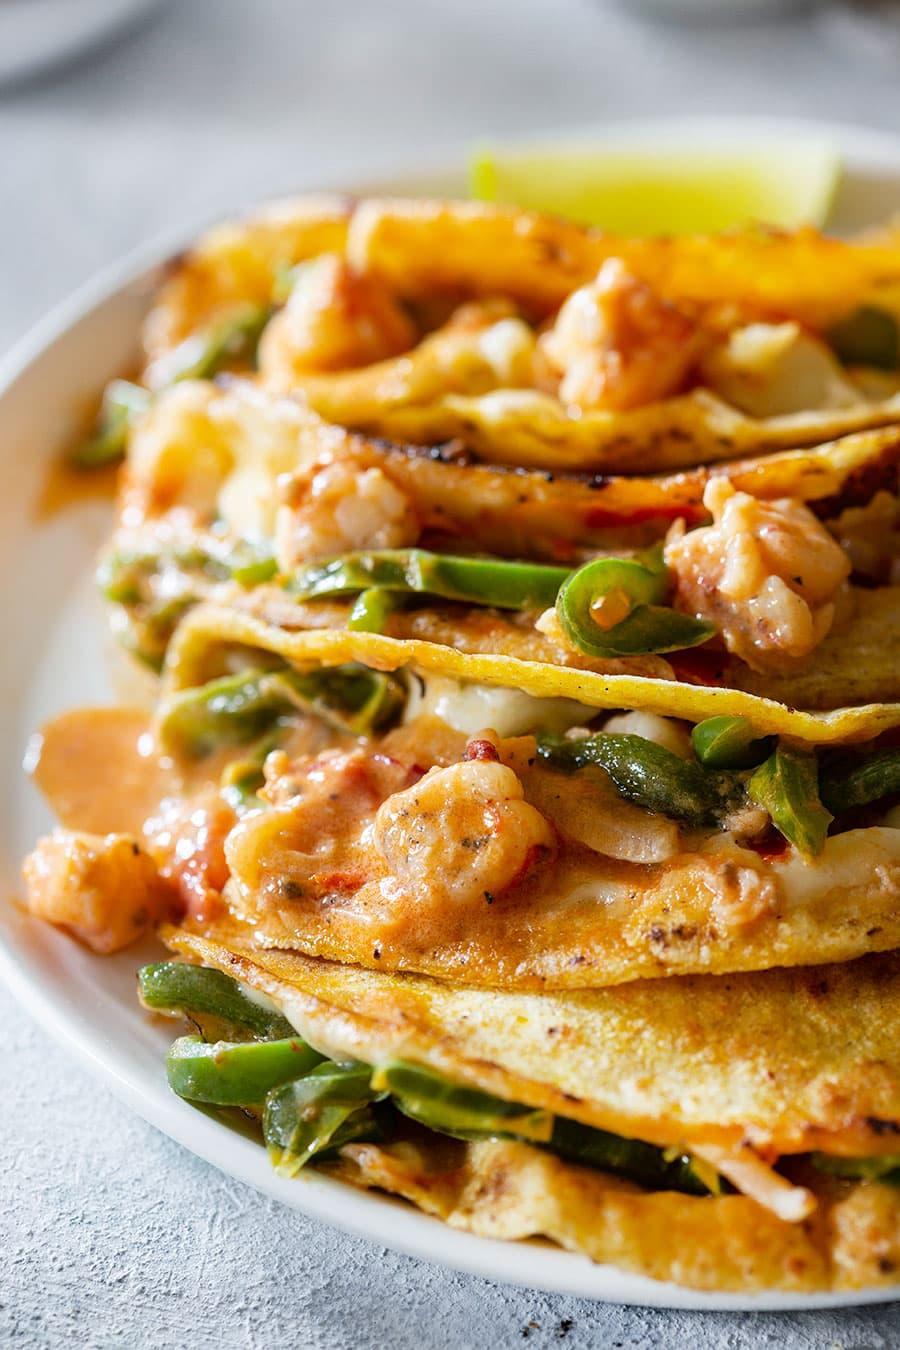 Creamy and cheesy tacos gobernador.